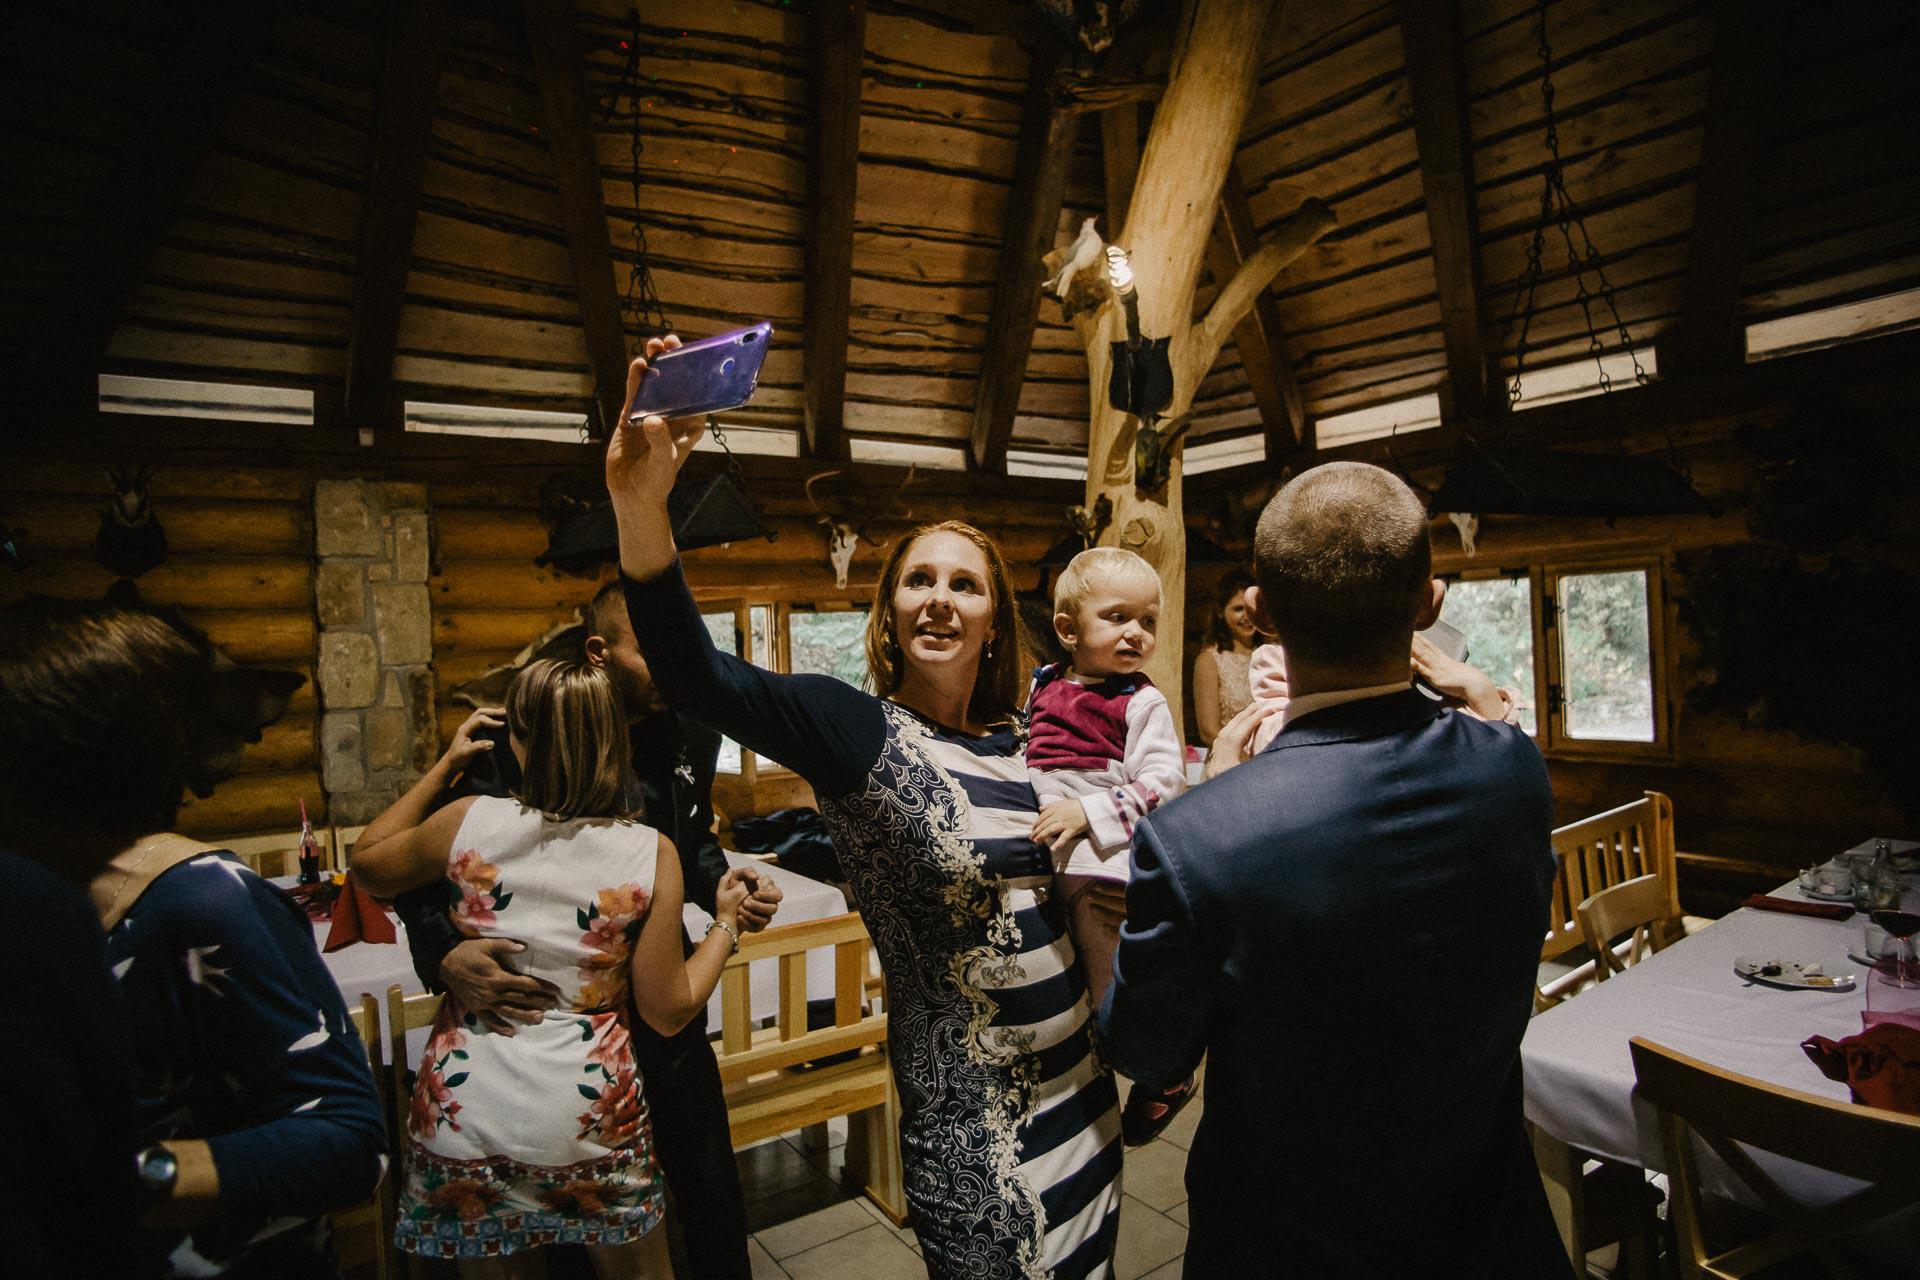 svatební-fotograf-resort-Svět-Užice-svatební-foto-Praha-fotograf-na-svatbu-2398